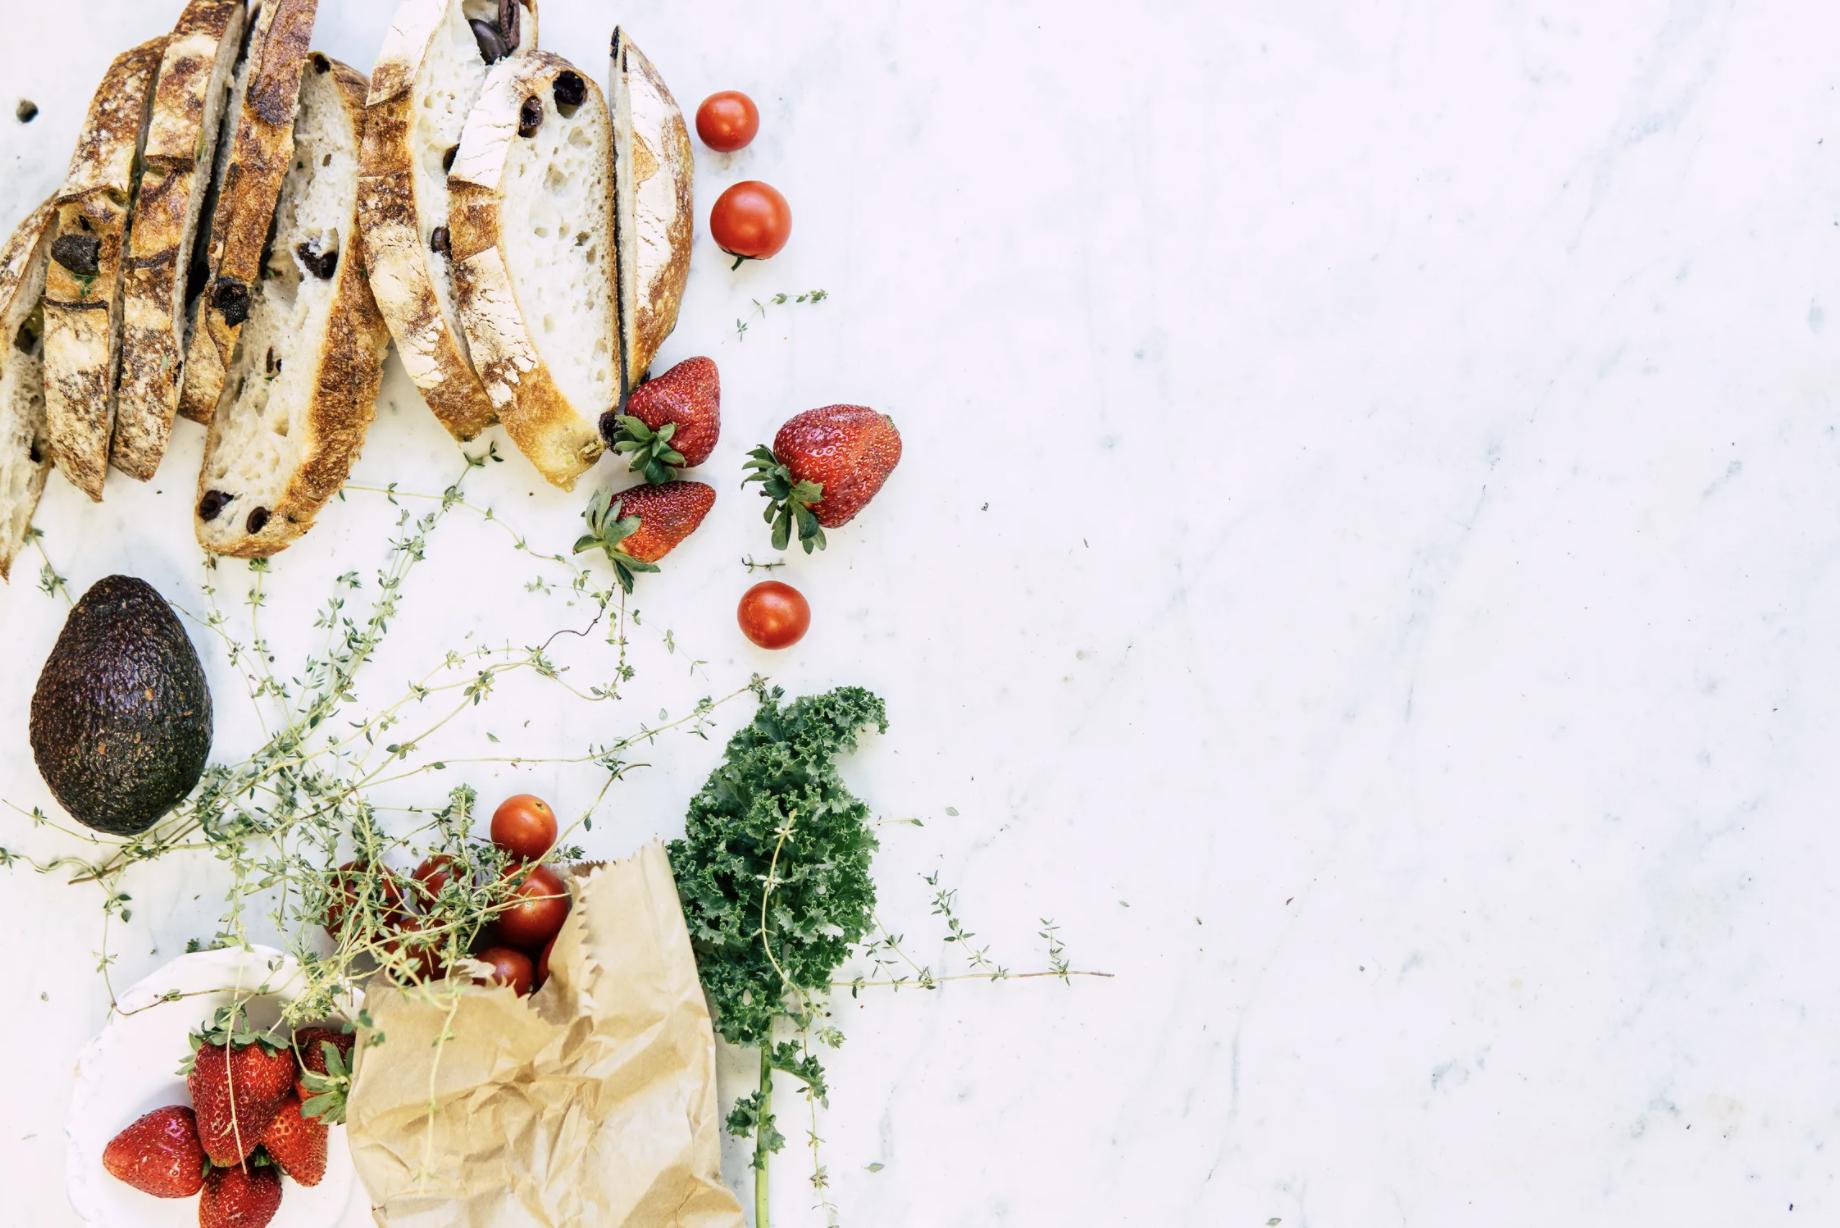 Ekstra jomfru olivenolie giver sidste touch på maden